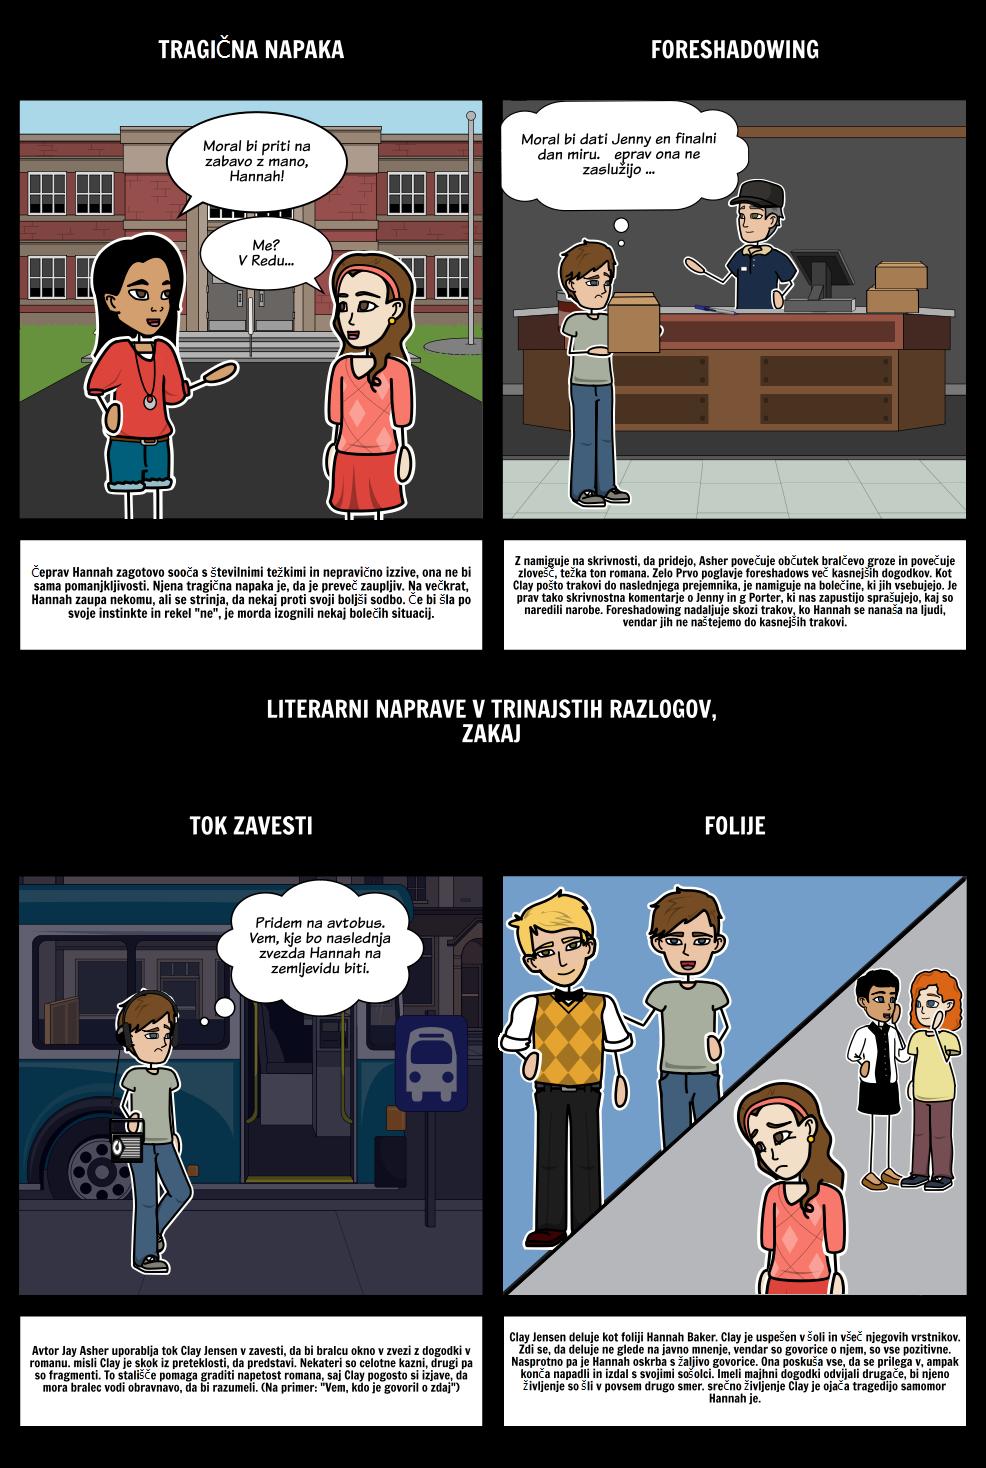 Trinajst Razlogov, Zakaj Literarne Naprave